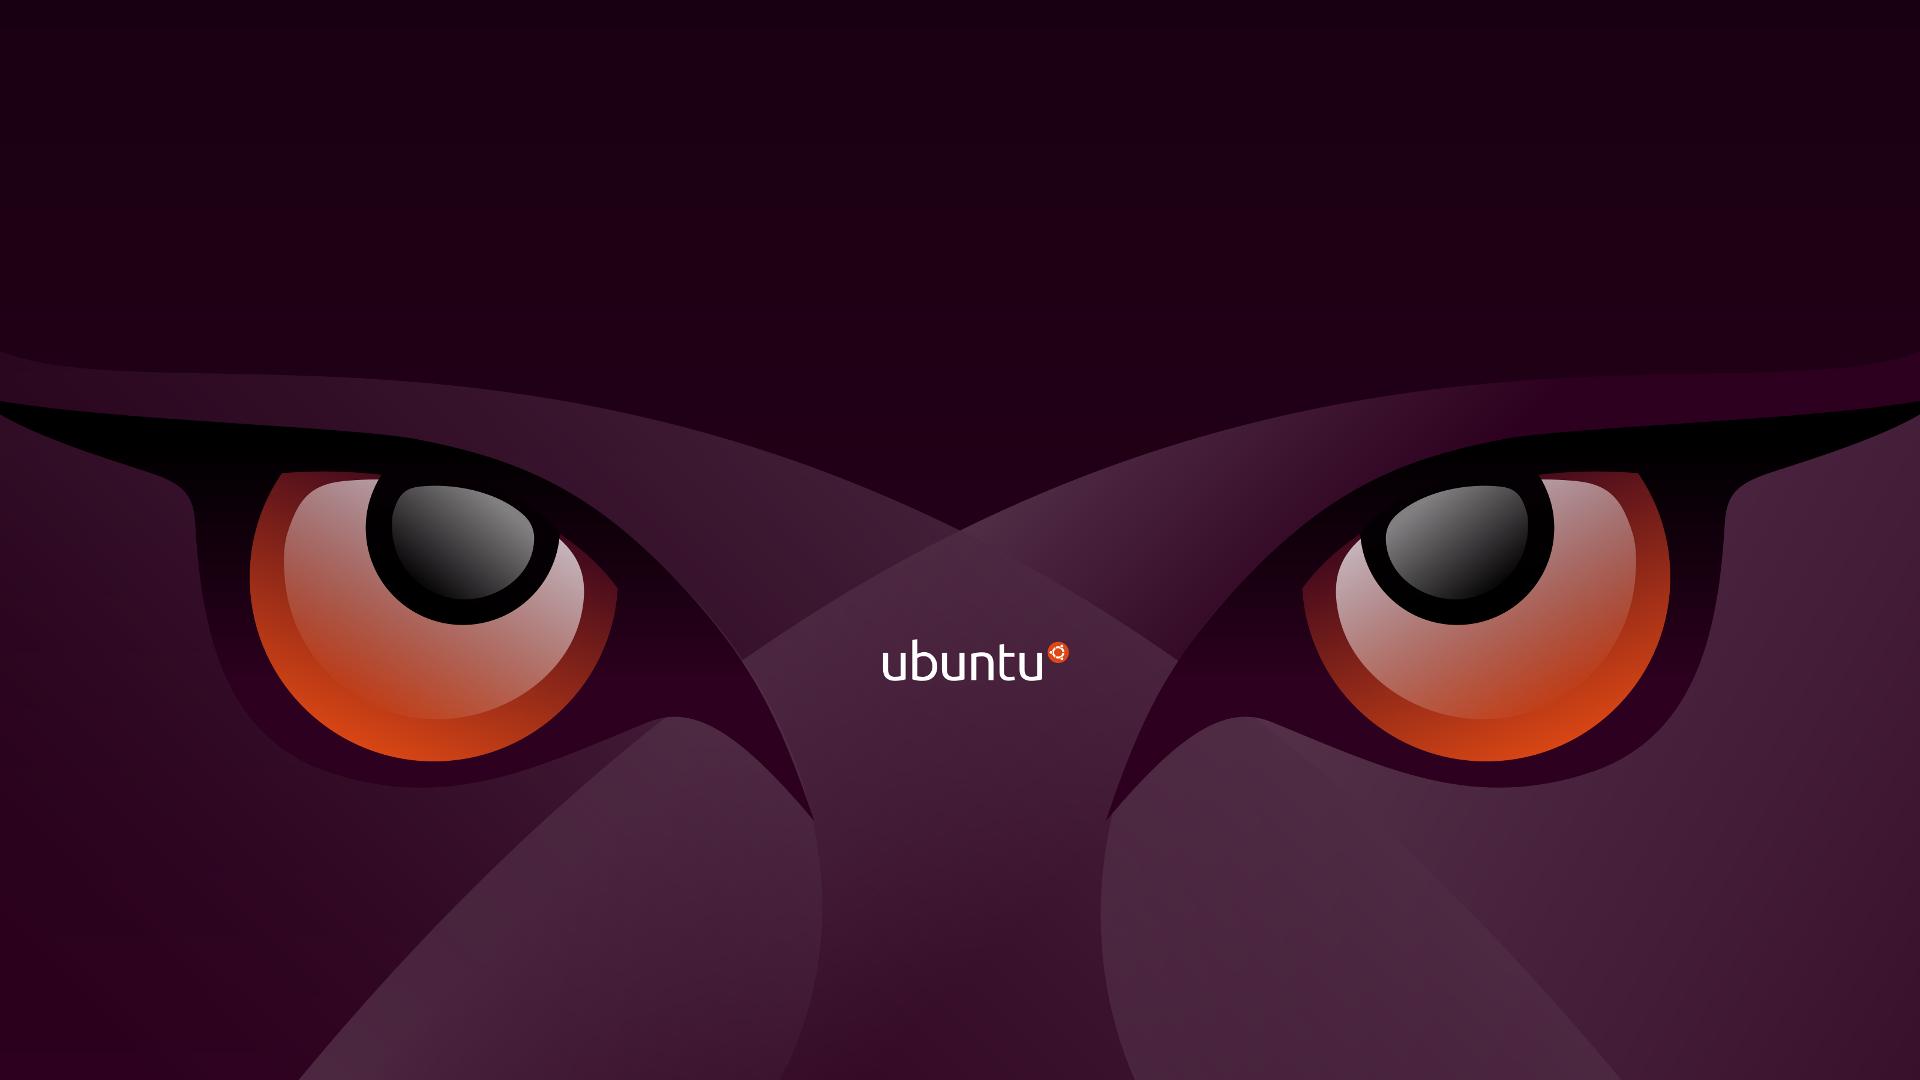 wallpapers hd de Linux